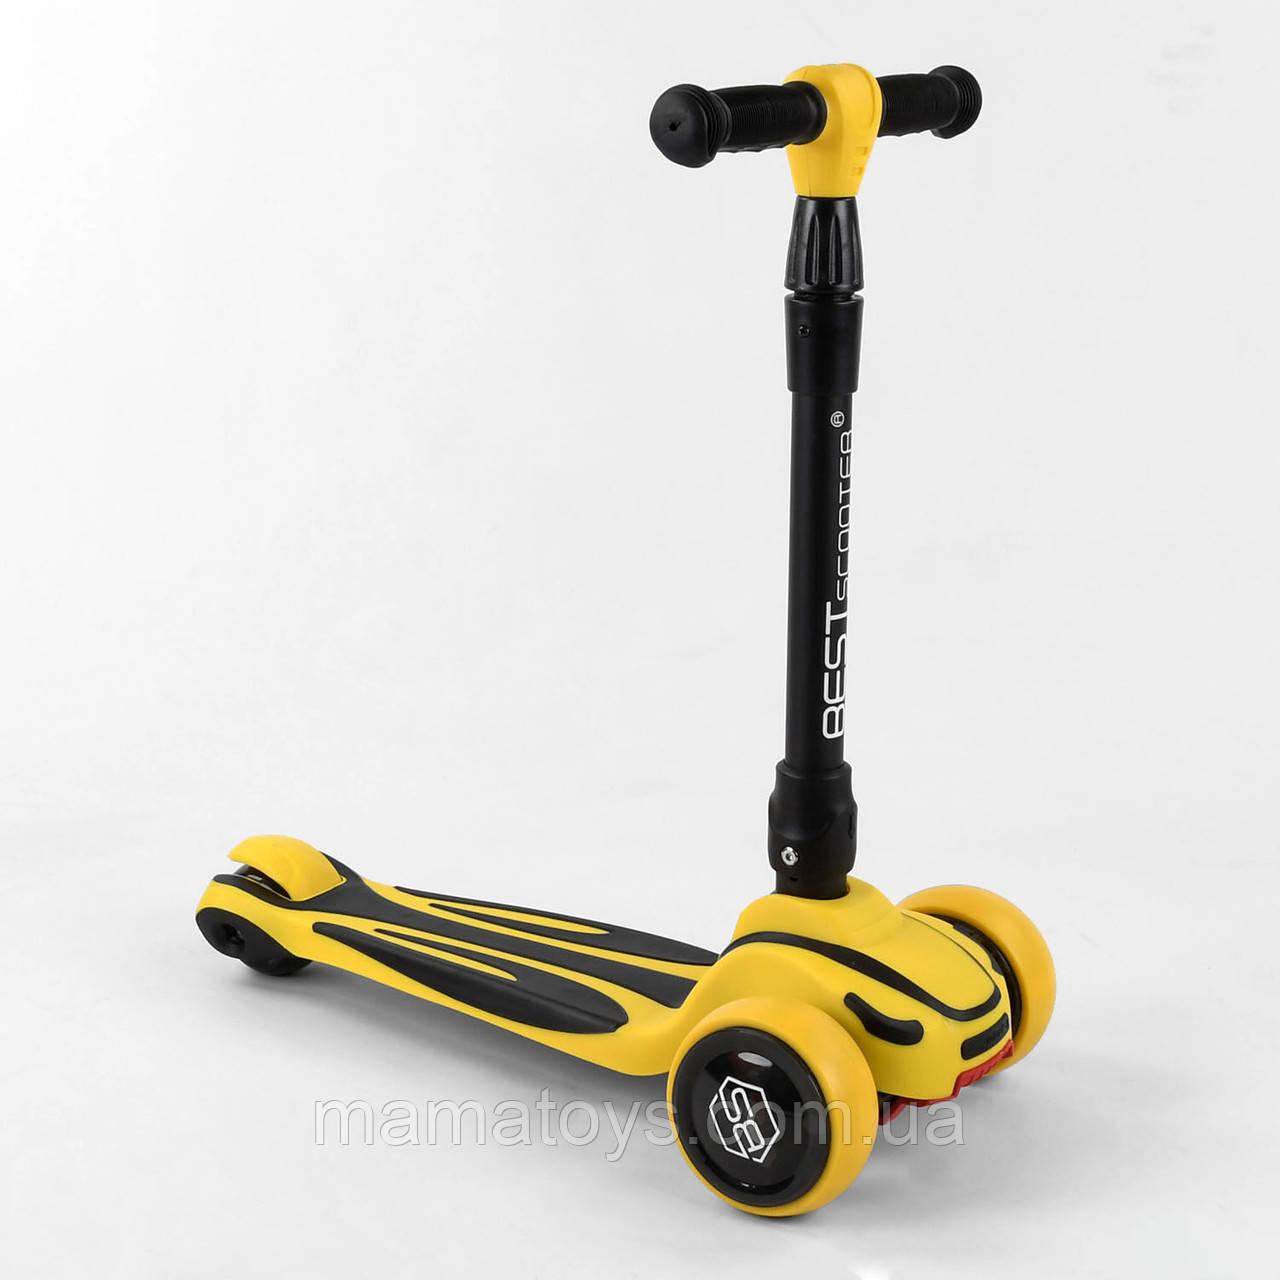 Детский трехколесный самокат Best Scooter S-4788 Складной, Желтый, светящиеся колеса PU